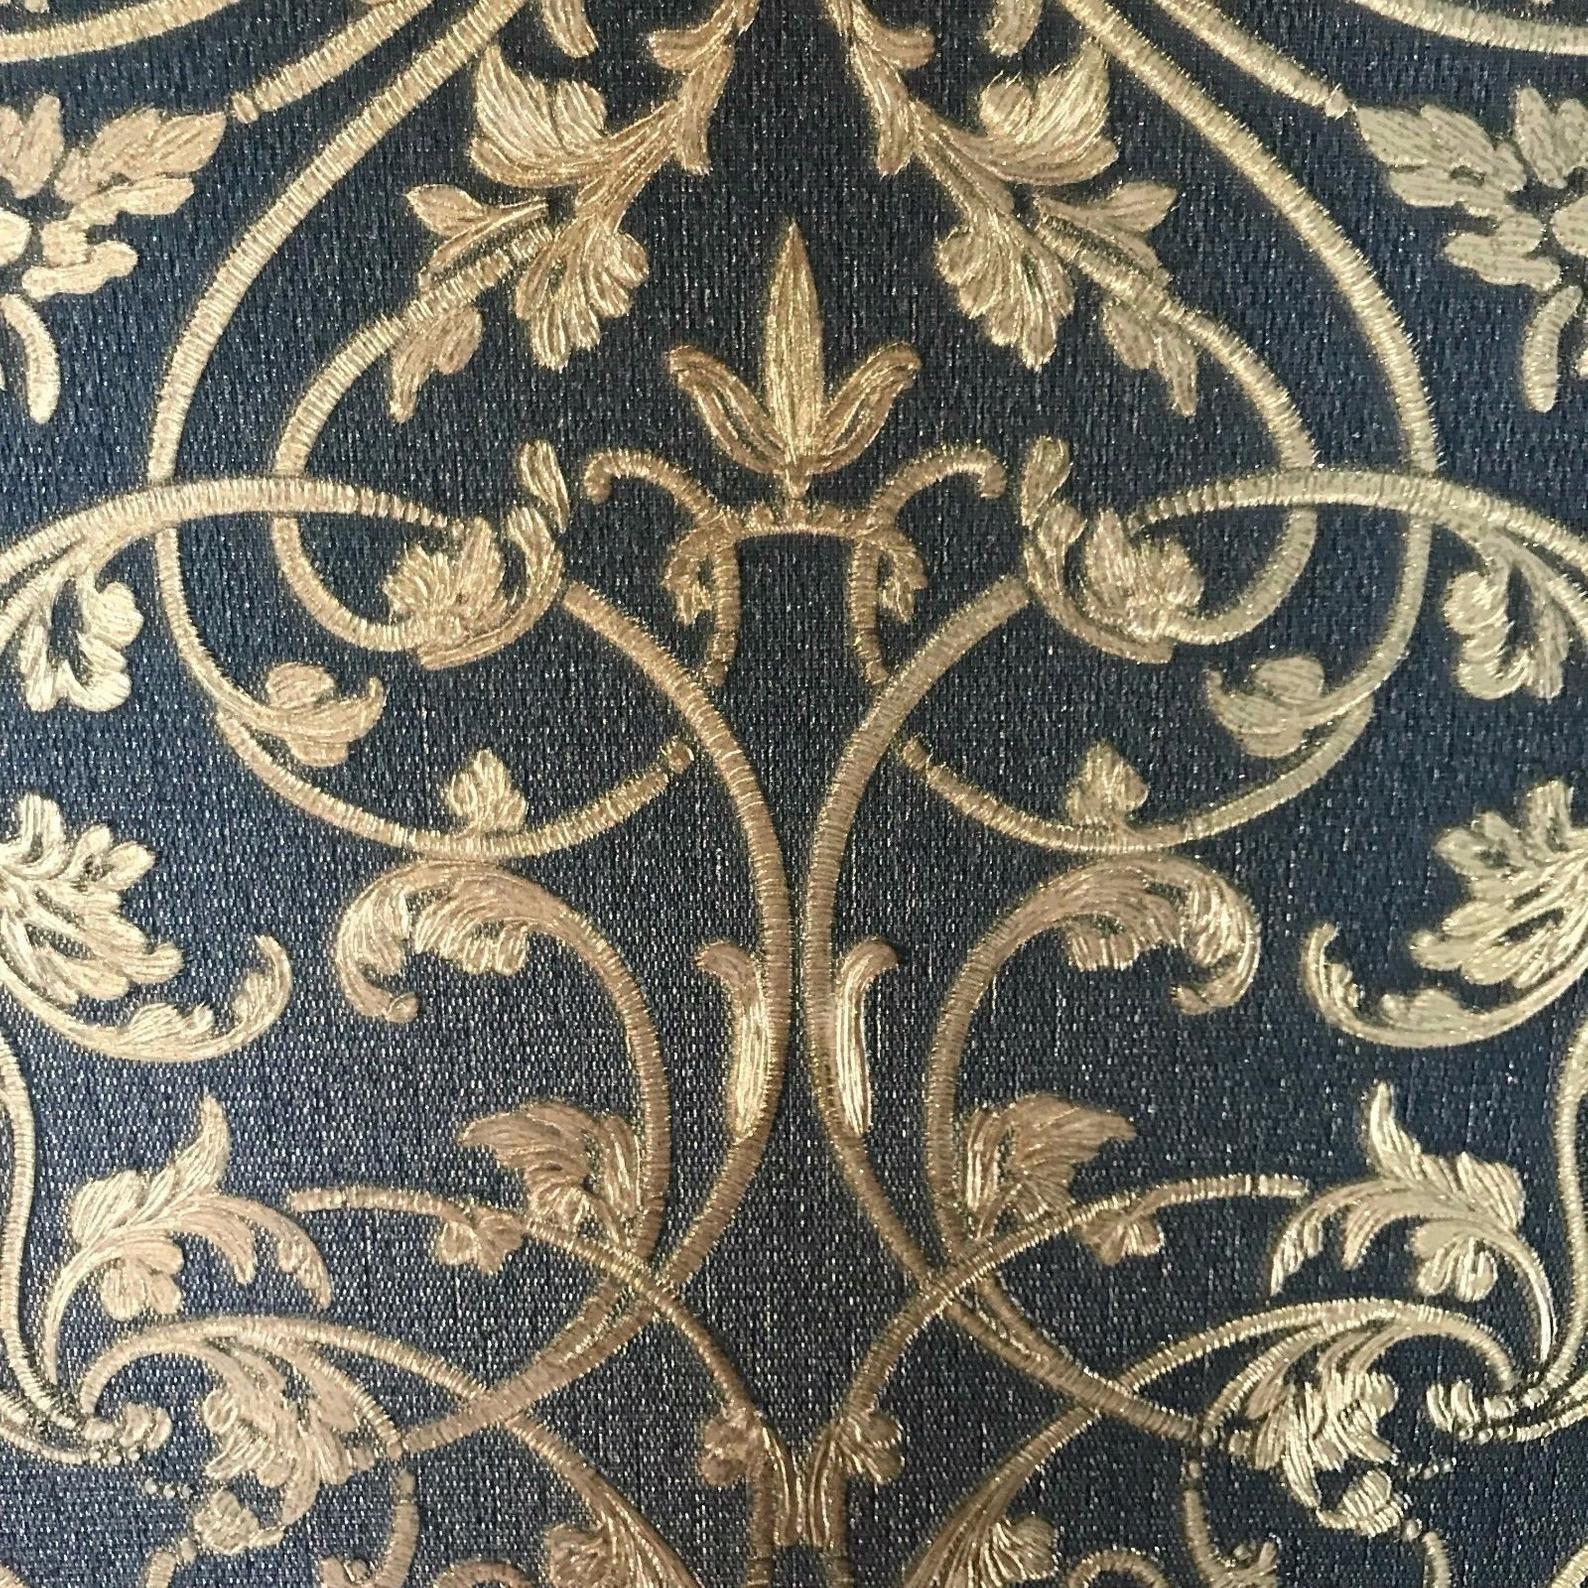 Wallpaper Victorian vintage Damask navy blue black gold